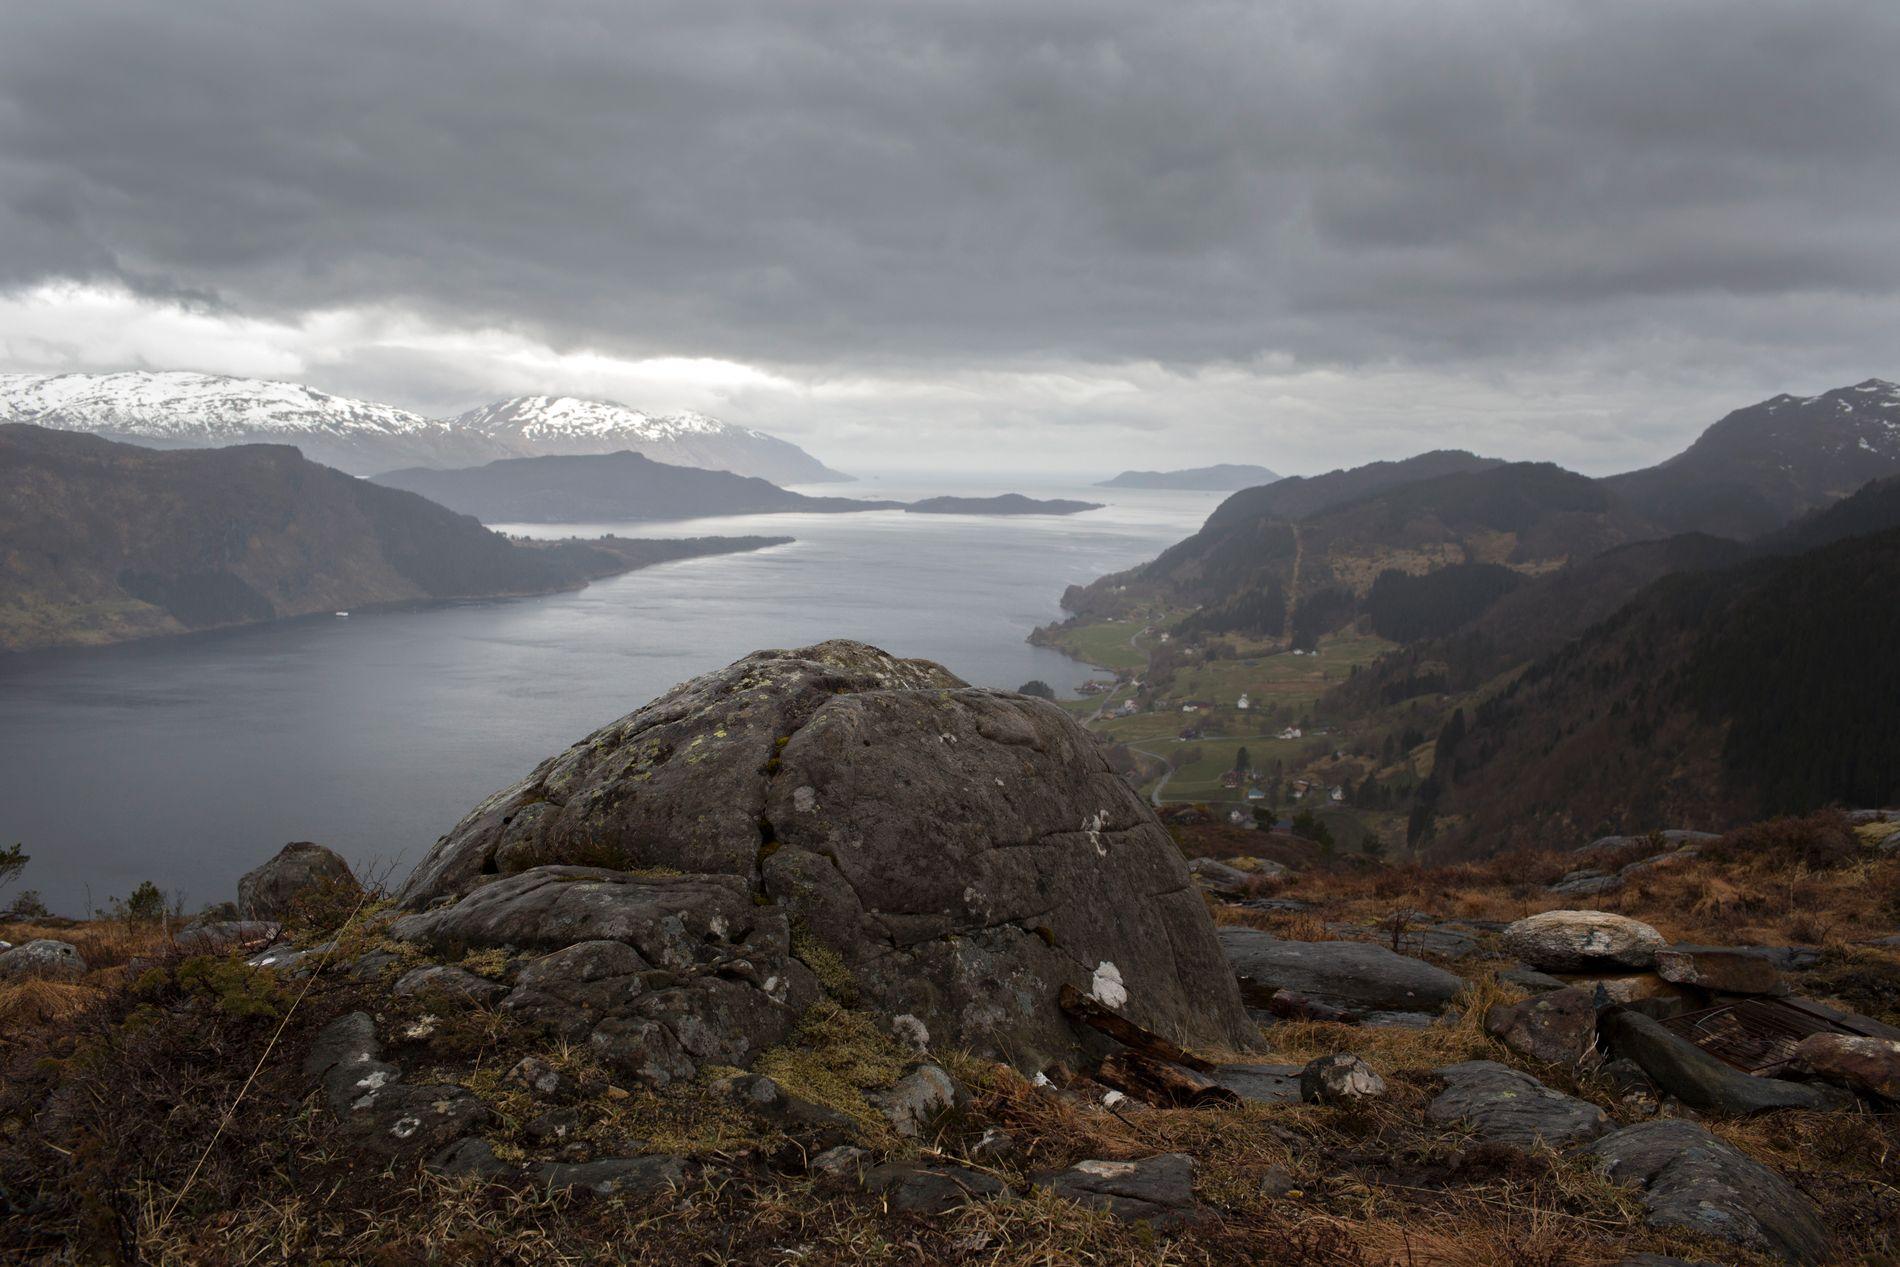 GÅR TIL MOTANGREP: Øystein Moldsvor glemmer å nevne at han er aksjonær i Nordic Mining, et selskap som planlegger å benytte sjødeponi, skriver Tore Viana- Rønningen.